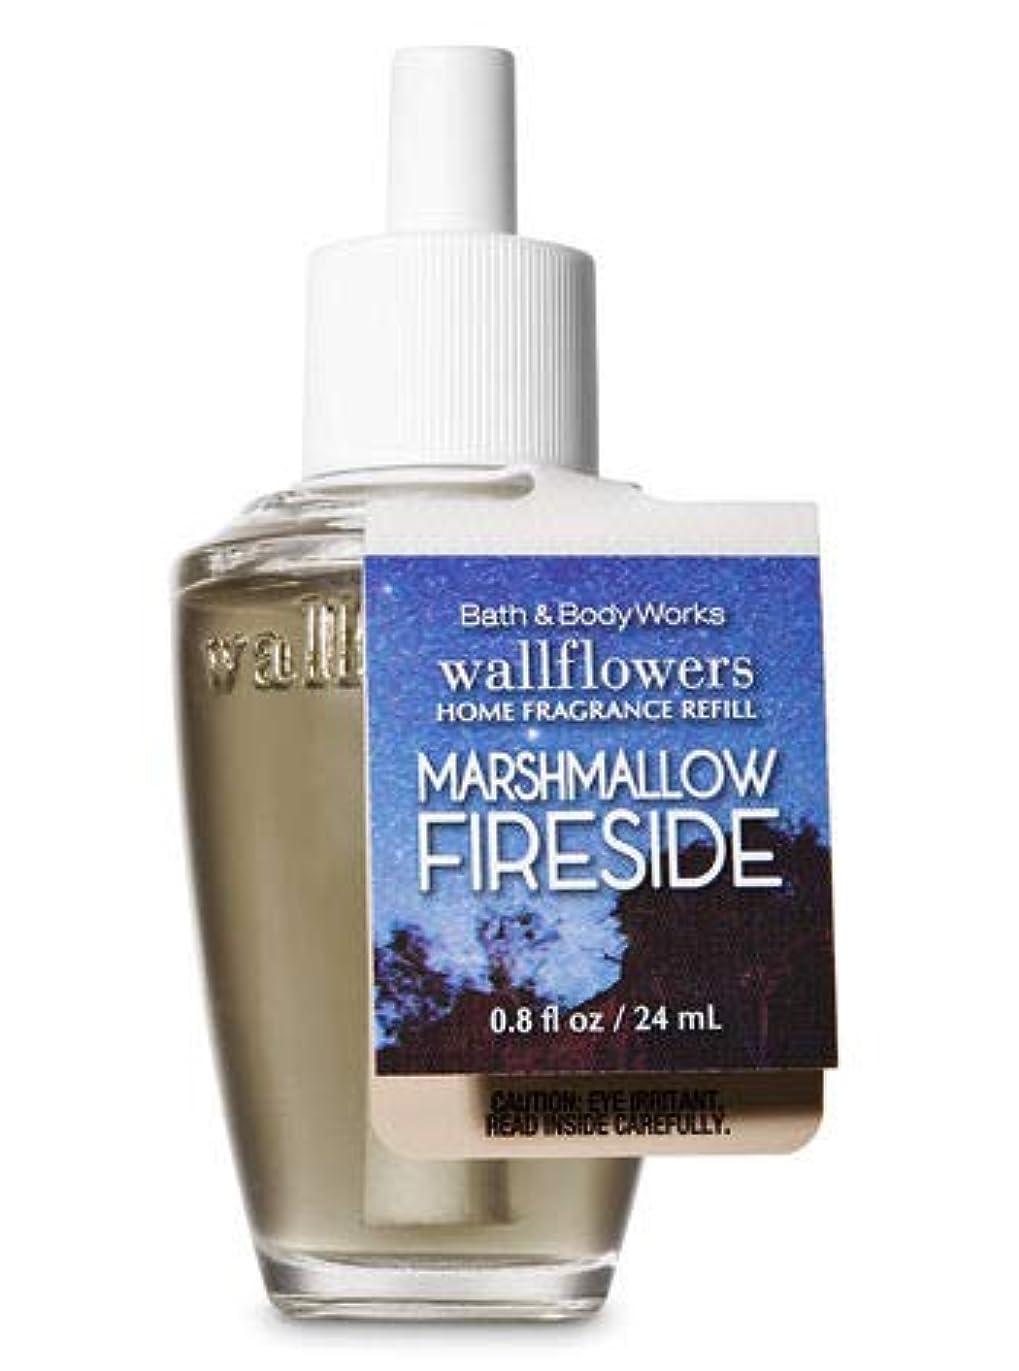 情緒的発症ロマンチック【Bath&Body Works/バス&ボディワークス】 ルームフレグランス 詰替えリフィル マシュマロファイヤーサイド Wallflowers Home Fragrance Refill Marshmallow Fireside [並行輸入品]